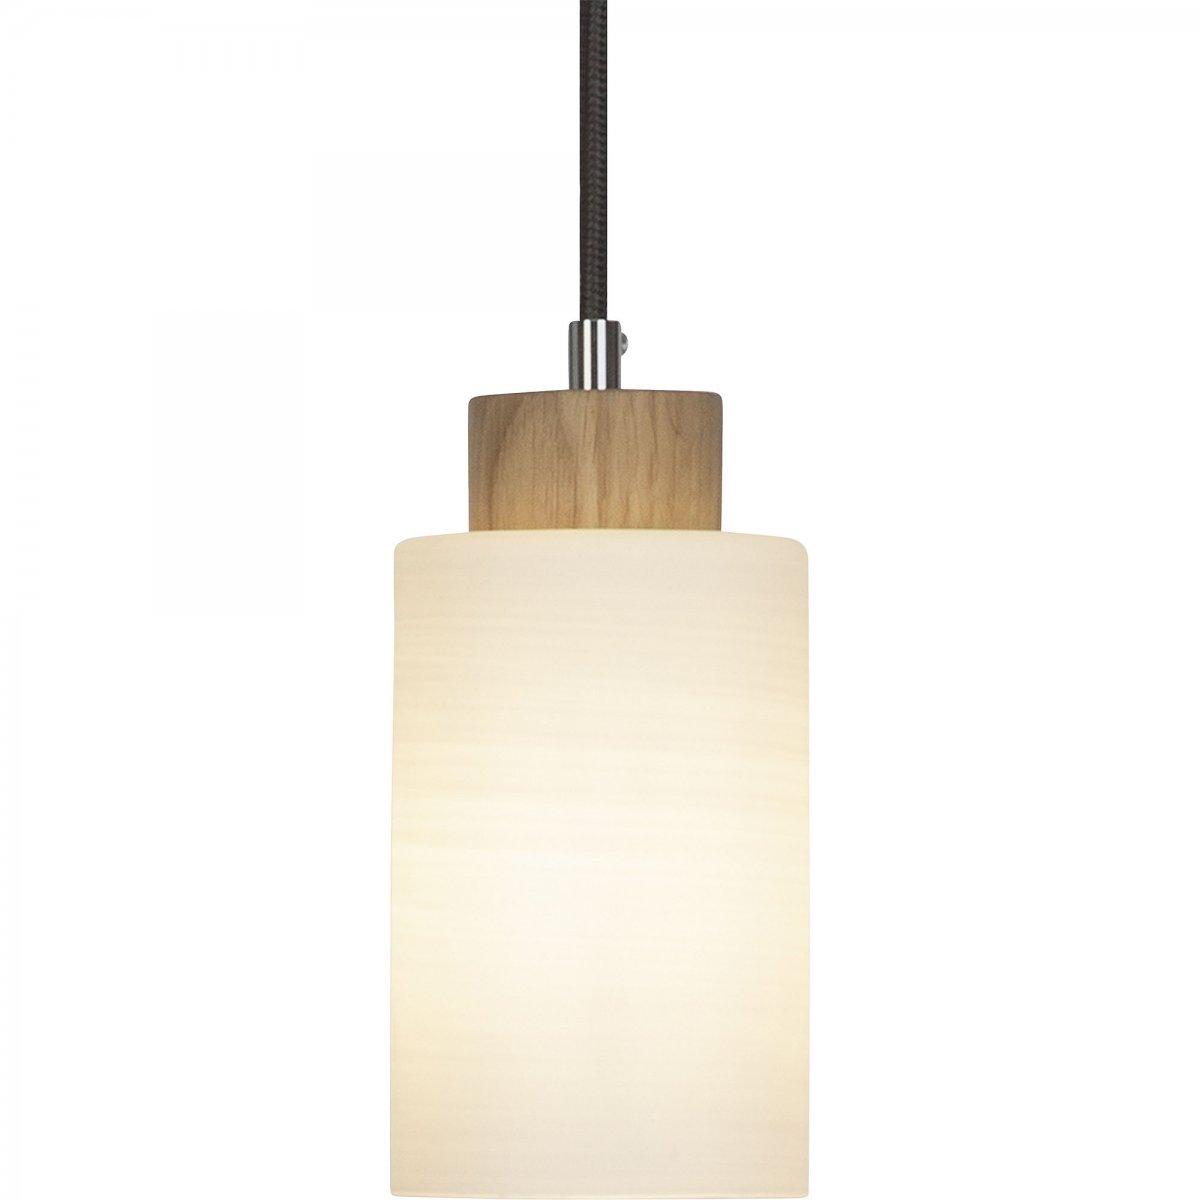 brilliant living leuchten no 23070 35 pendelleuchte nature eiche wei 112 cm eur 44 53. Black Bedroom Furniture Sets. Home Design Ideas